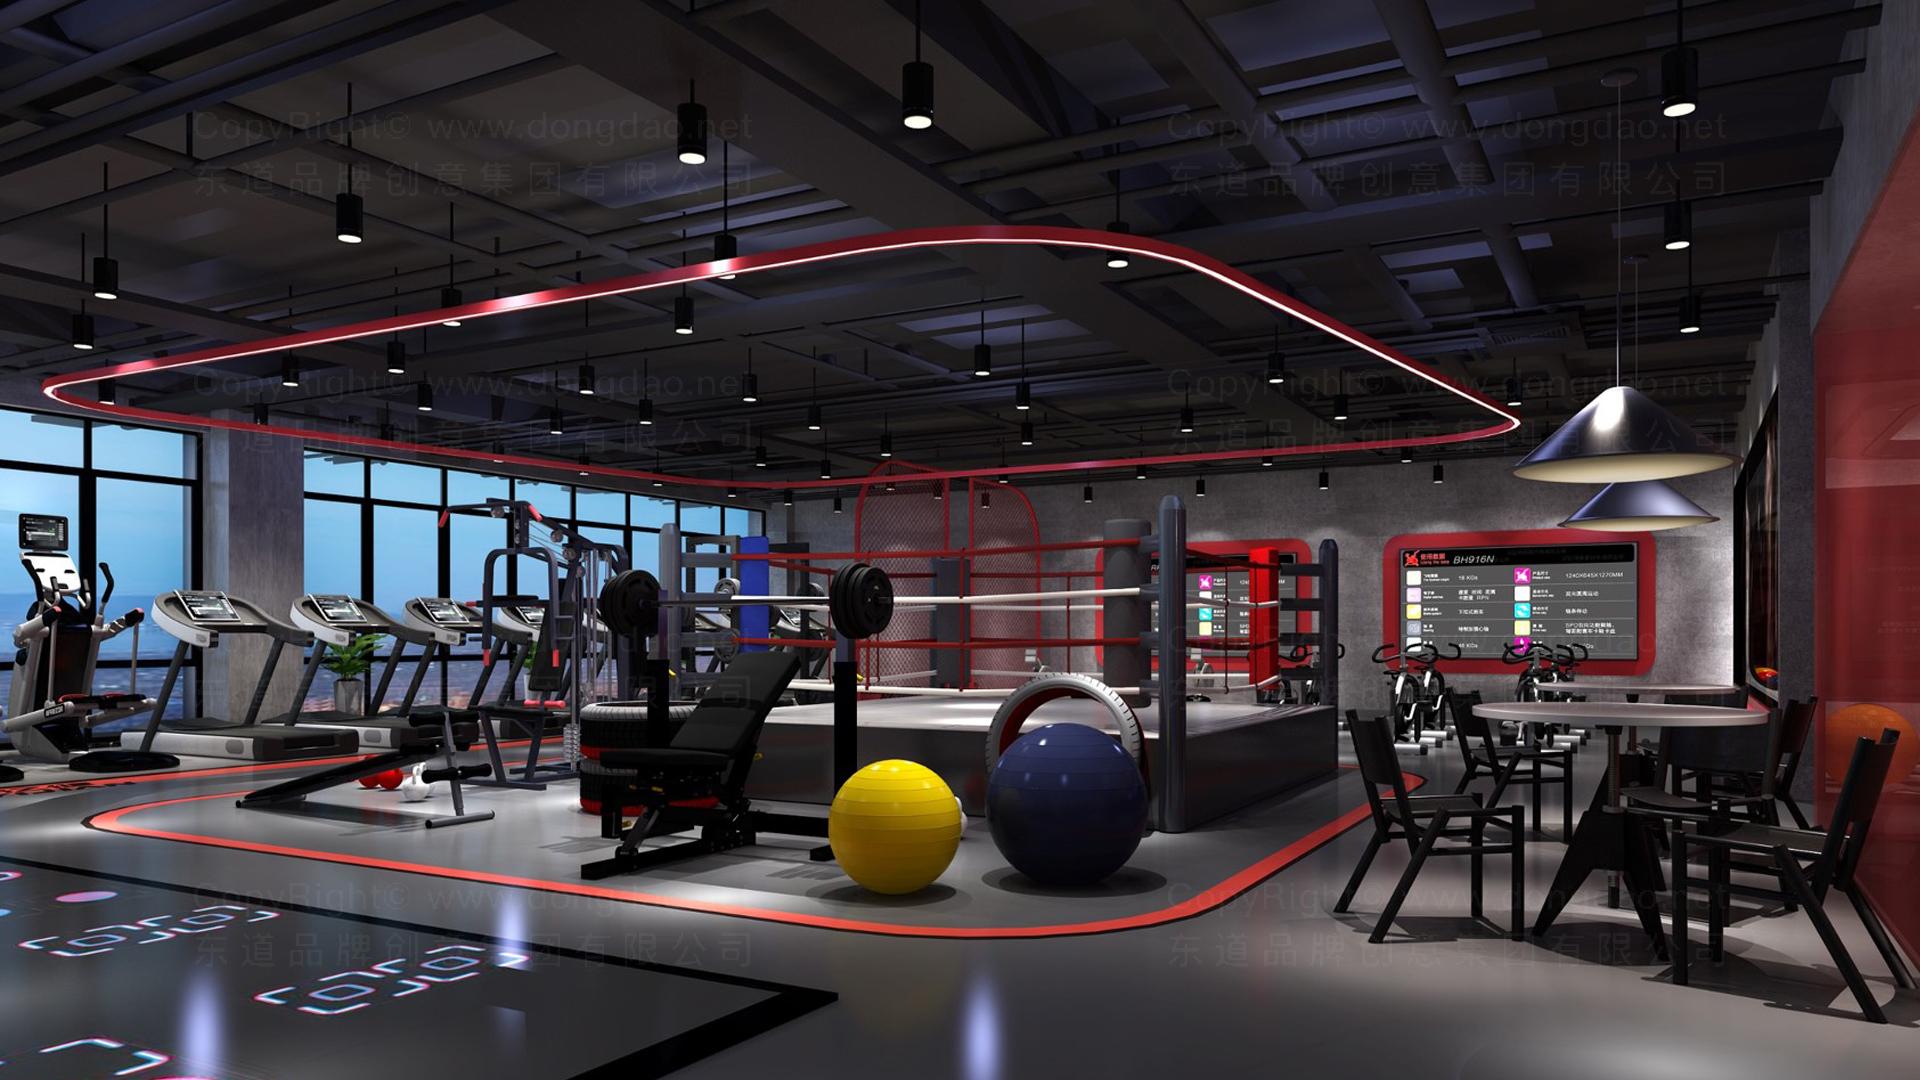 商业空间&导示亿健健身新零售终端SI设计应用场景_2